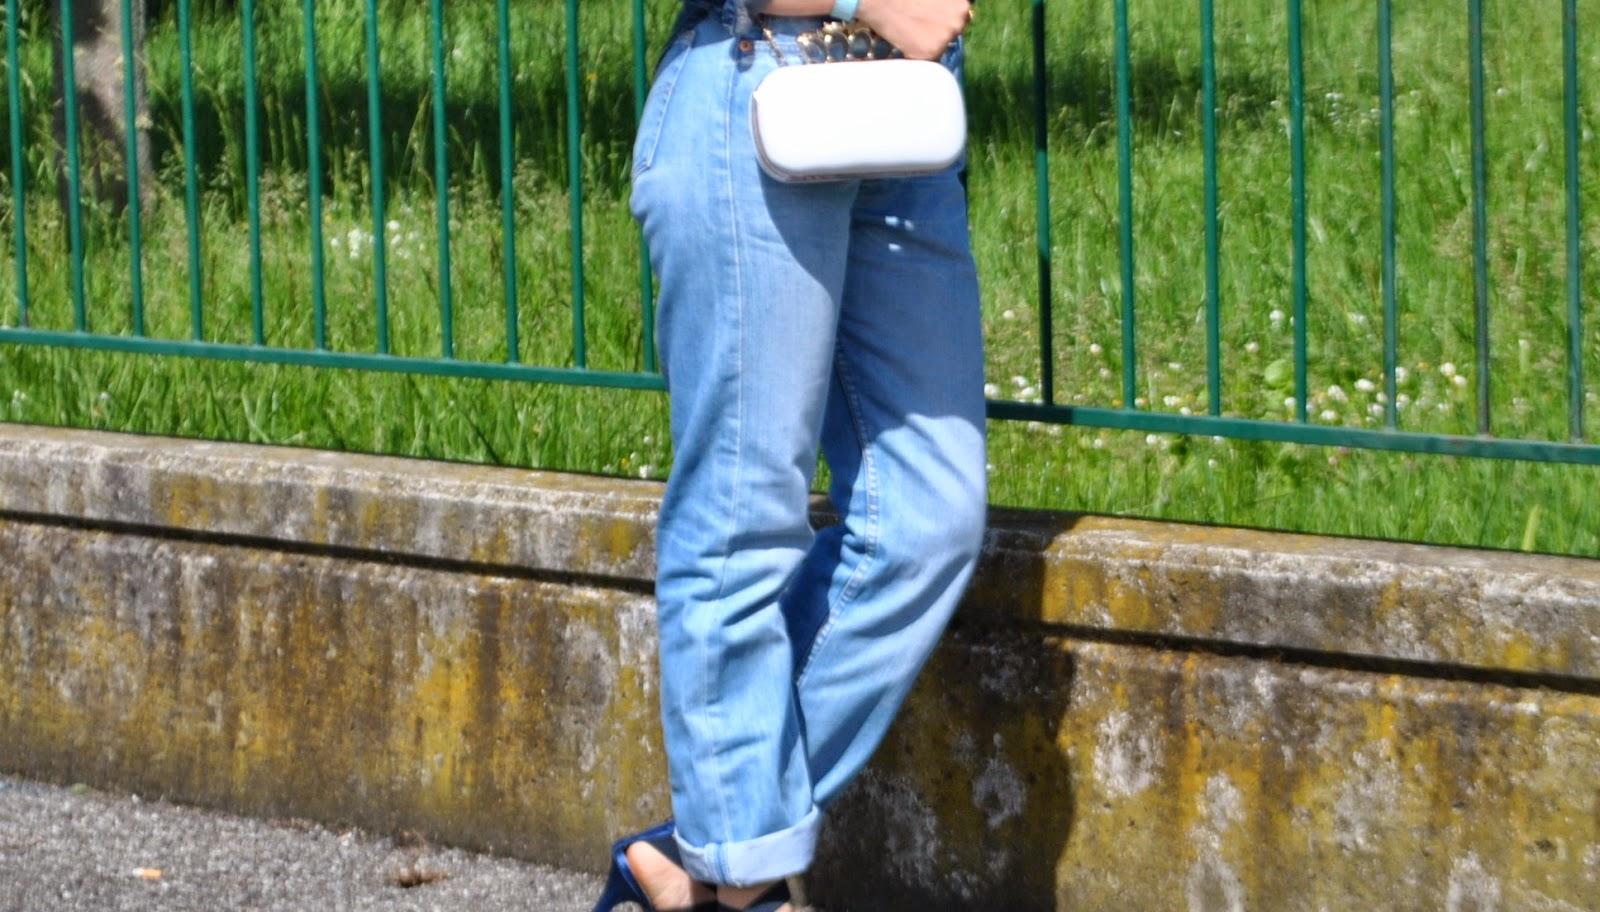 outfit denim outfit levi's 501 come indossare un vecchio paio di jeans come abbinare un veccio paio di jeans come indossare un vecchio paio di levi's 501 jeans arrotolati alle caviglie camicia in denim con stemmi cuciti camicia di jeans pimkie camicia in denim pimkie bracciale azzurro il centimetro clutch modello alexander mcqueen con teschio outfit borsa bianca jeans e tacchi outfit jeans e tacchi outfit primavera 2014 outfit primaverili fashion blogger italiane milano colorblock by felym blog di moda di mariafelicia magno outfit colorblock by felym outfit mariafelicia magno outfit maggio 2014 mariafelicia magno blogger di colorblock by felym occhiali da sole con lenti a specchio azzurre ragazze bionde outfit denim total look denim outfit jeans camicia in denim e tacchi alti jeans arrotolati camicia in denim con maniche arrotolate